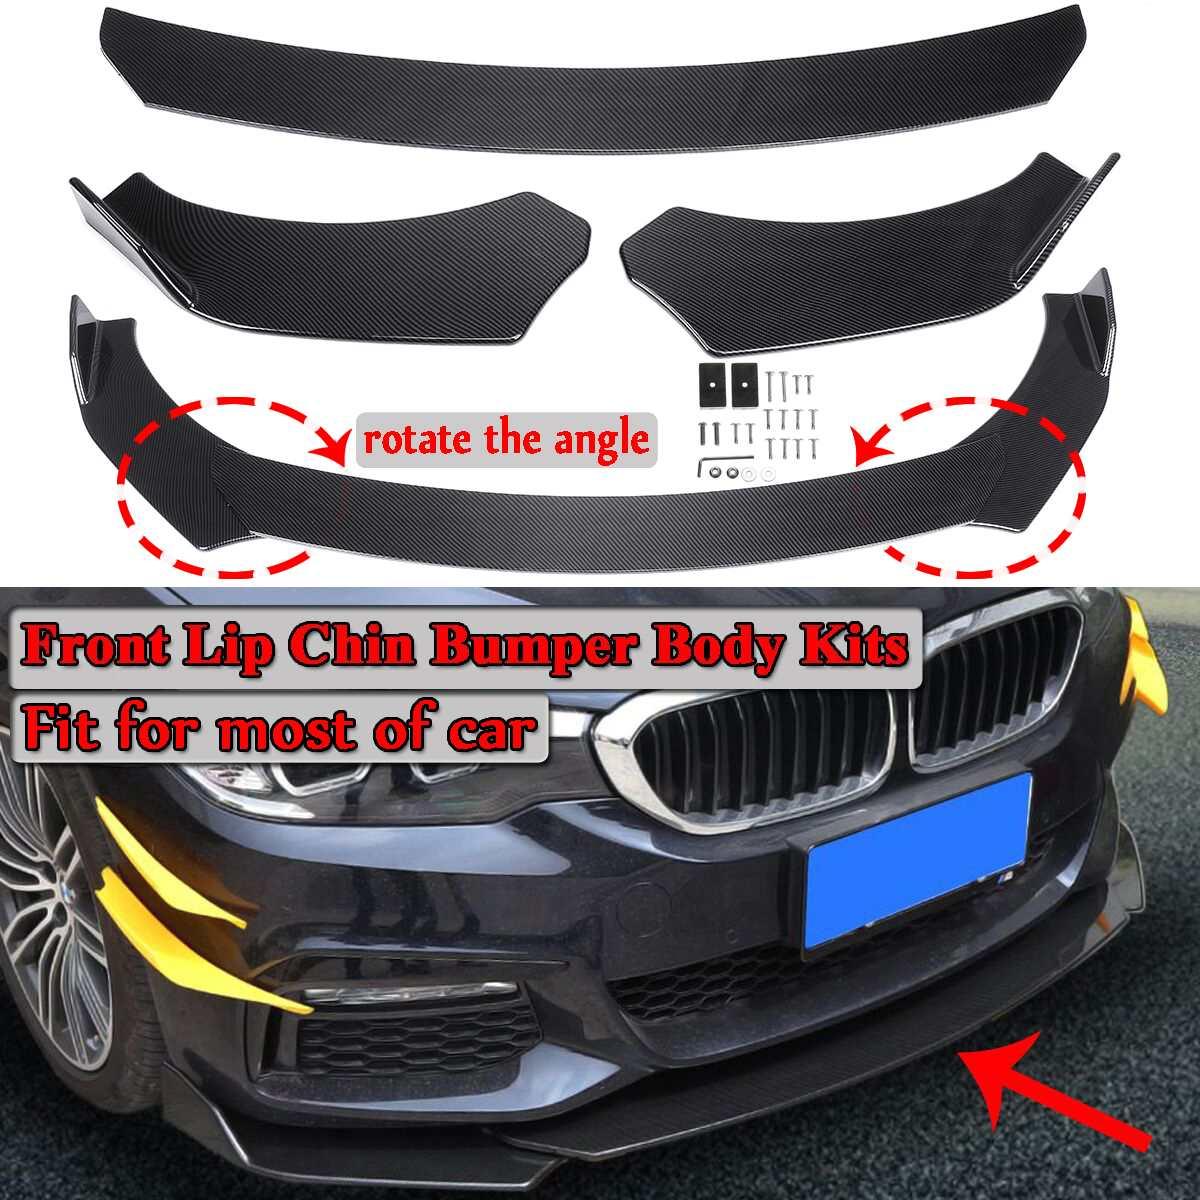 Углеродное волокно вид/черный Универсальный Автомобильный передний бампер для губ Наборы для тела разветвитель диффузор для BMW для Benz для Audi для VW для Subaru